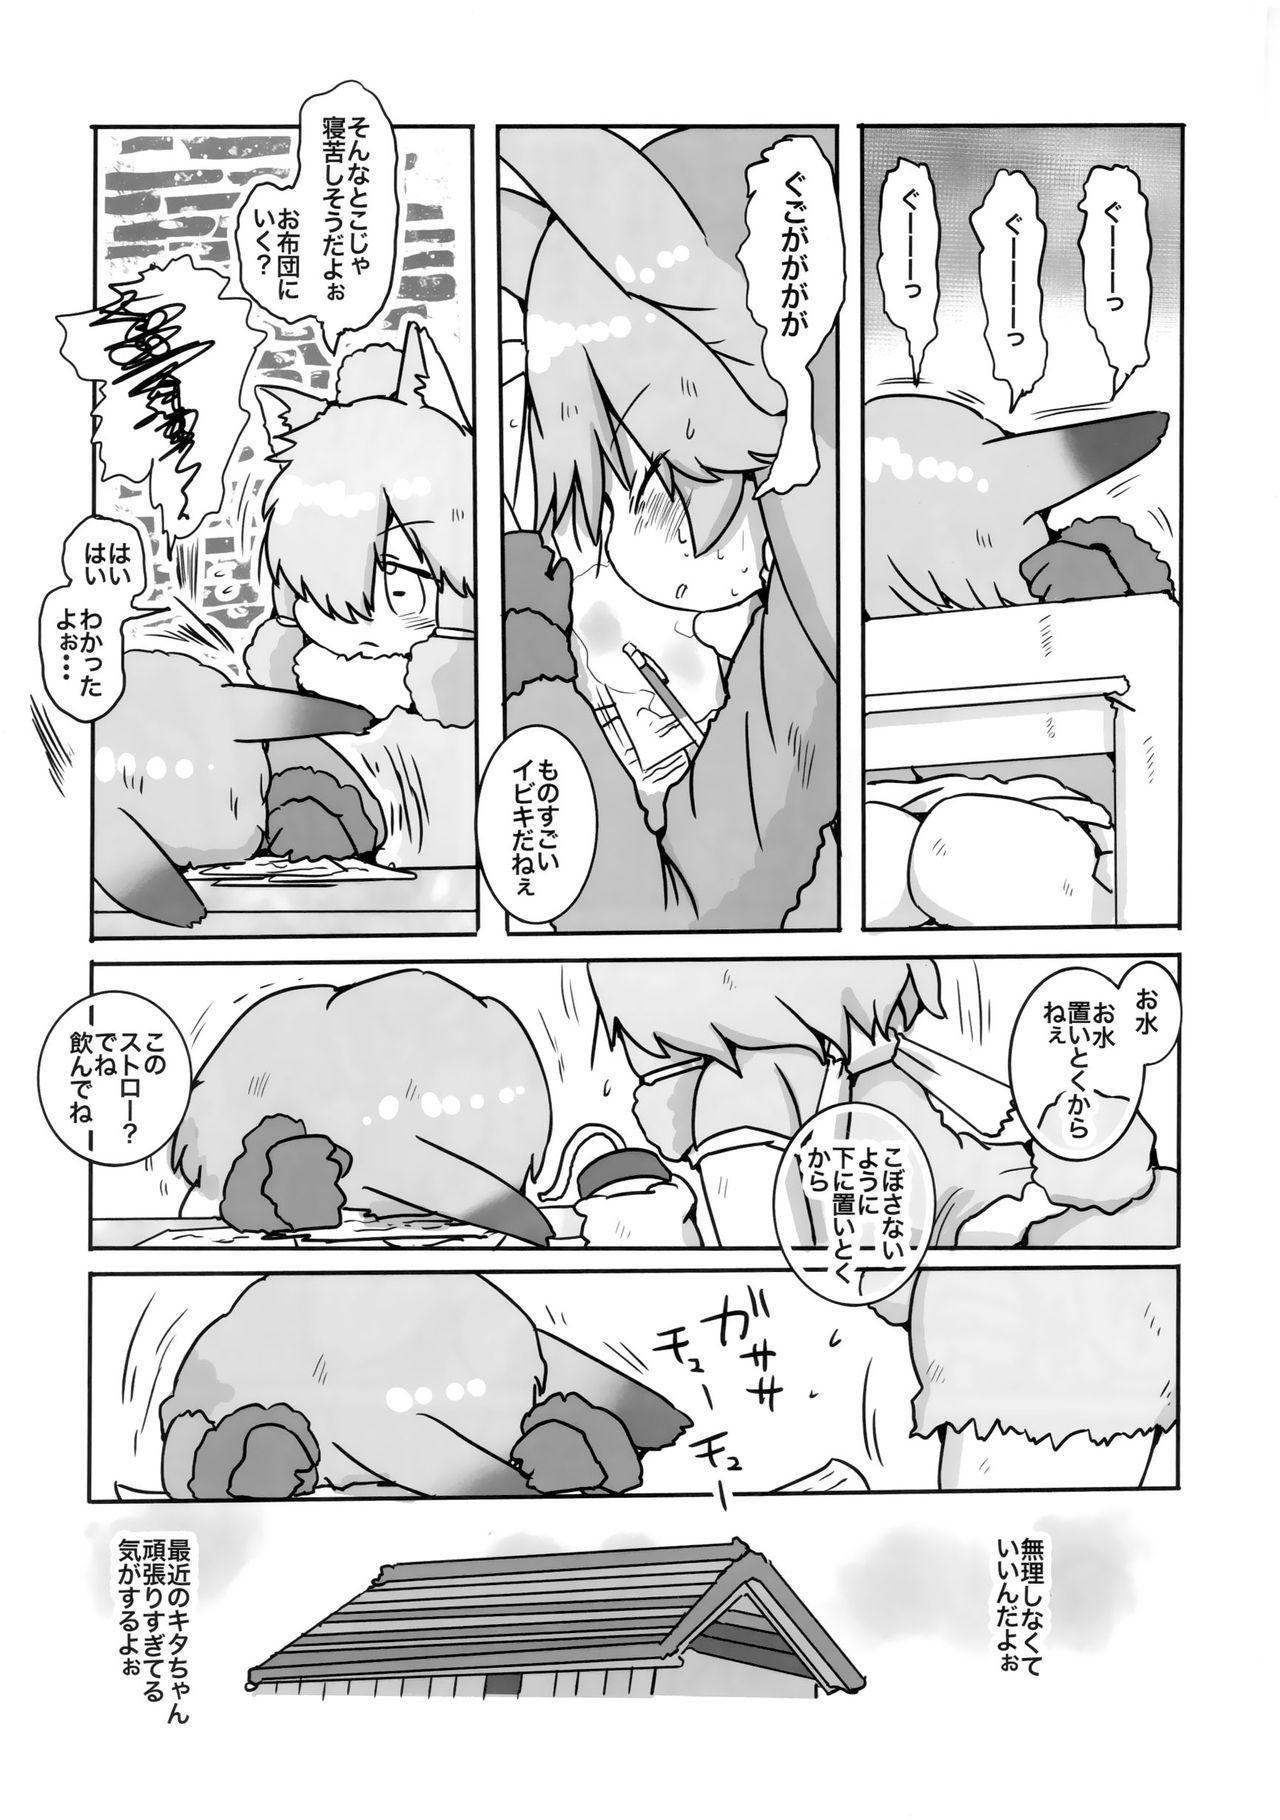 Boku, Koko de Zutto Kimi to Itai. 5